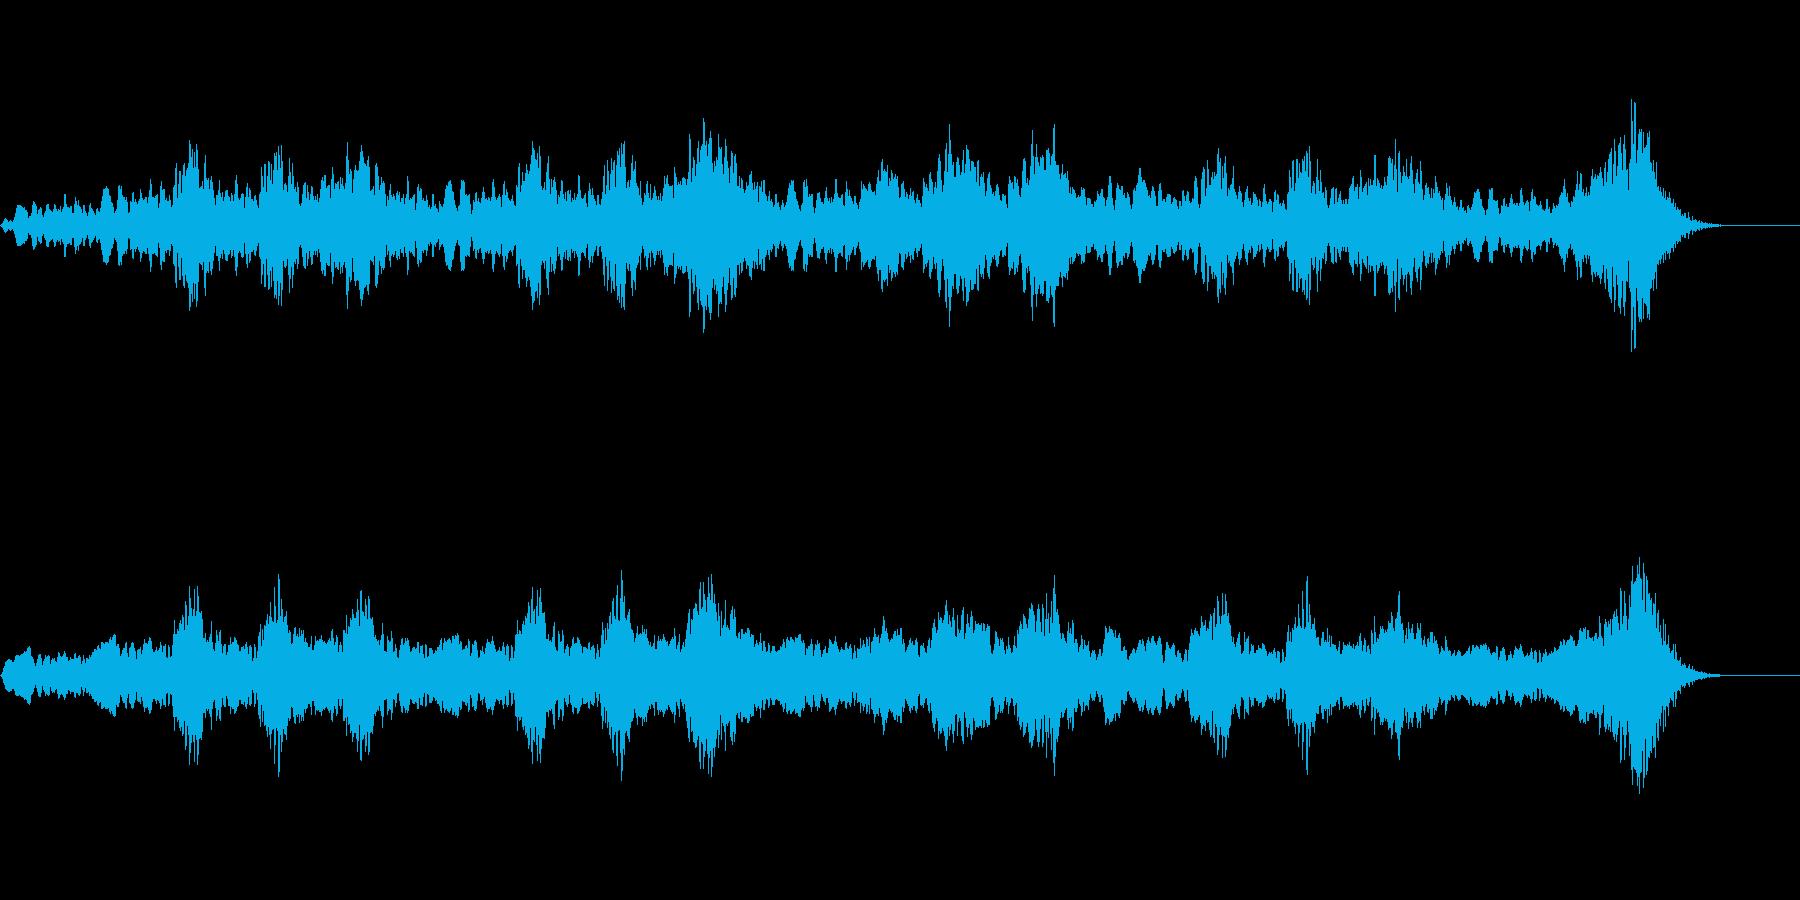 ゆったり優しい、透明感のあるハンドベル曲の再生済みの波形